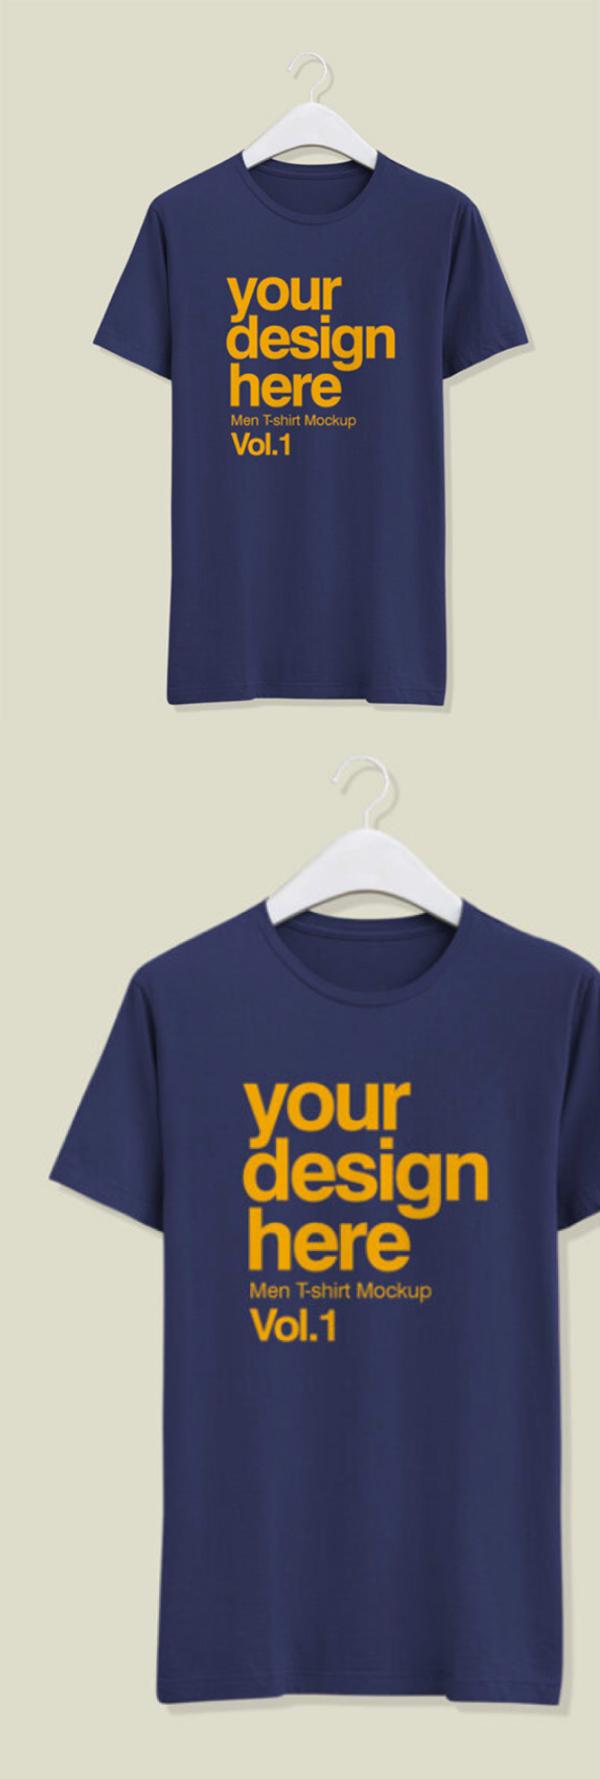 Free T-Shirt for Men on a white Hanger Mockup